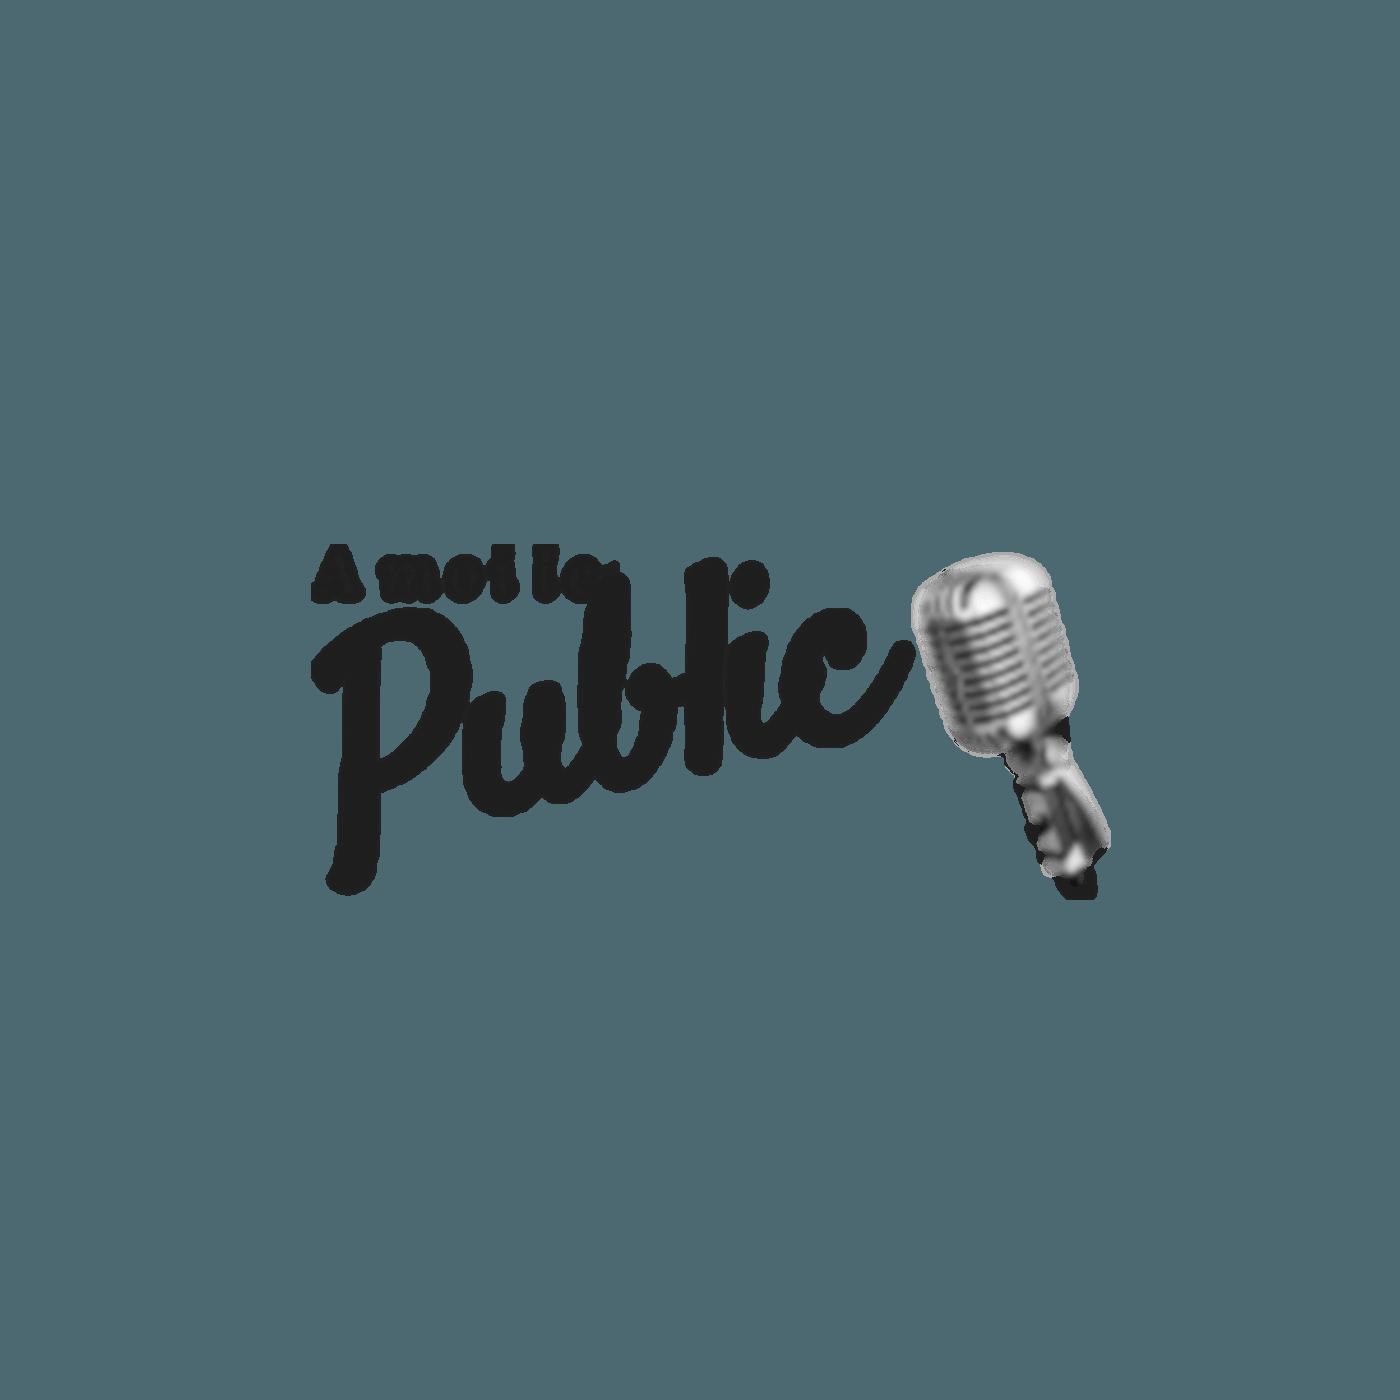 Podcast : parler en public